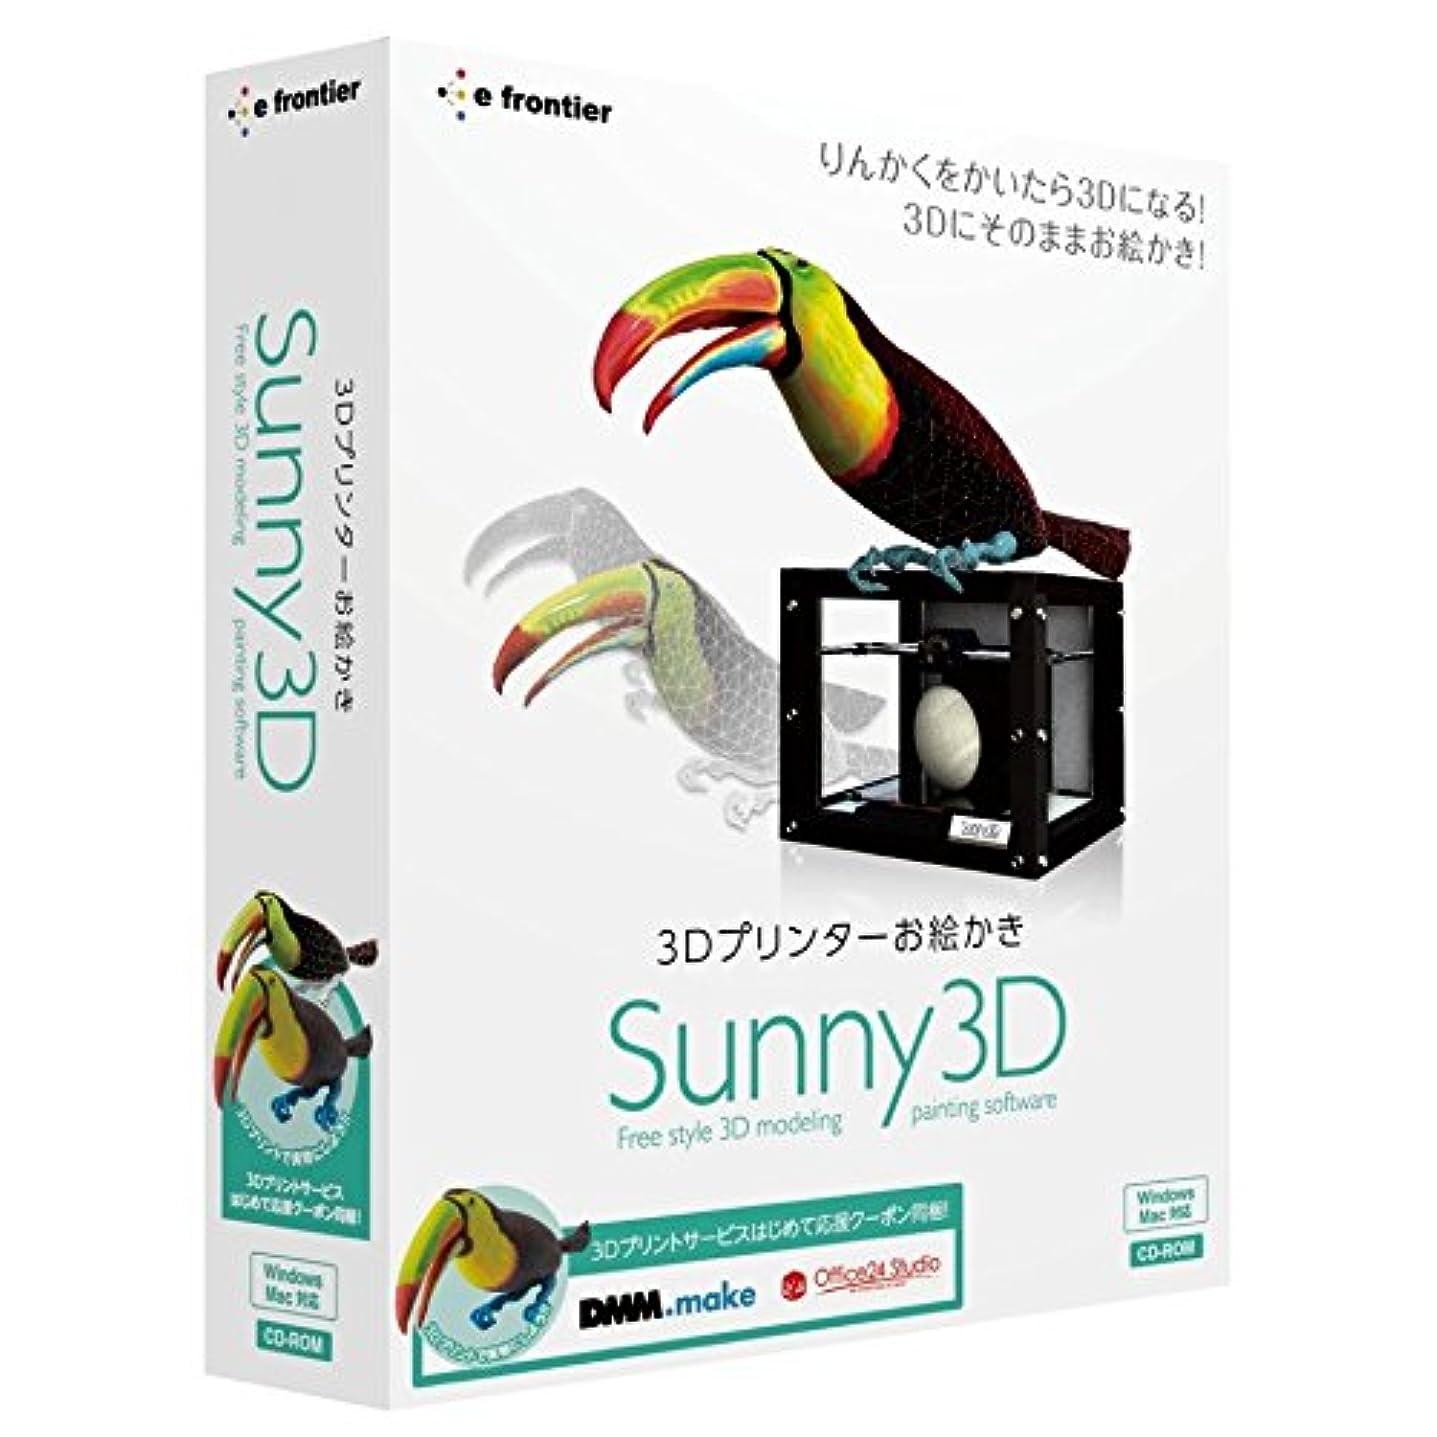 取得配当コミュニケーション3Dプリンターお絵かき Sunny 3D